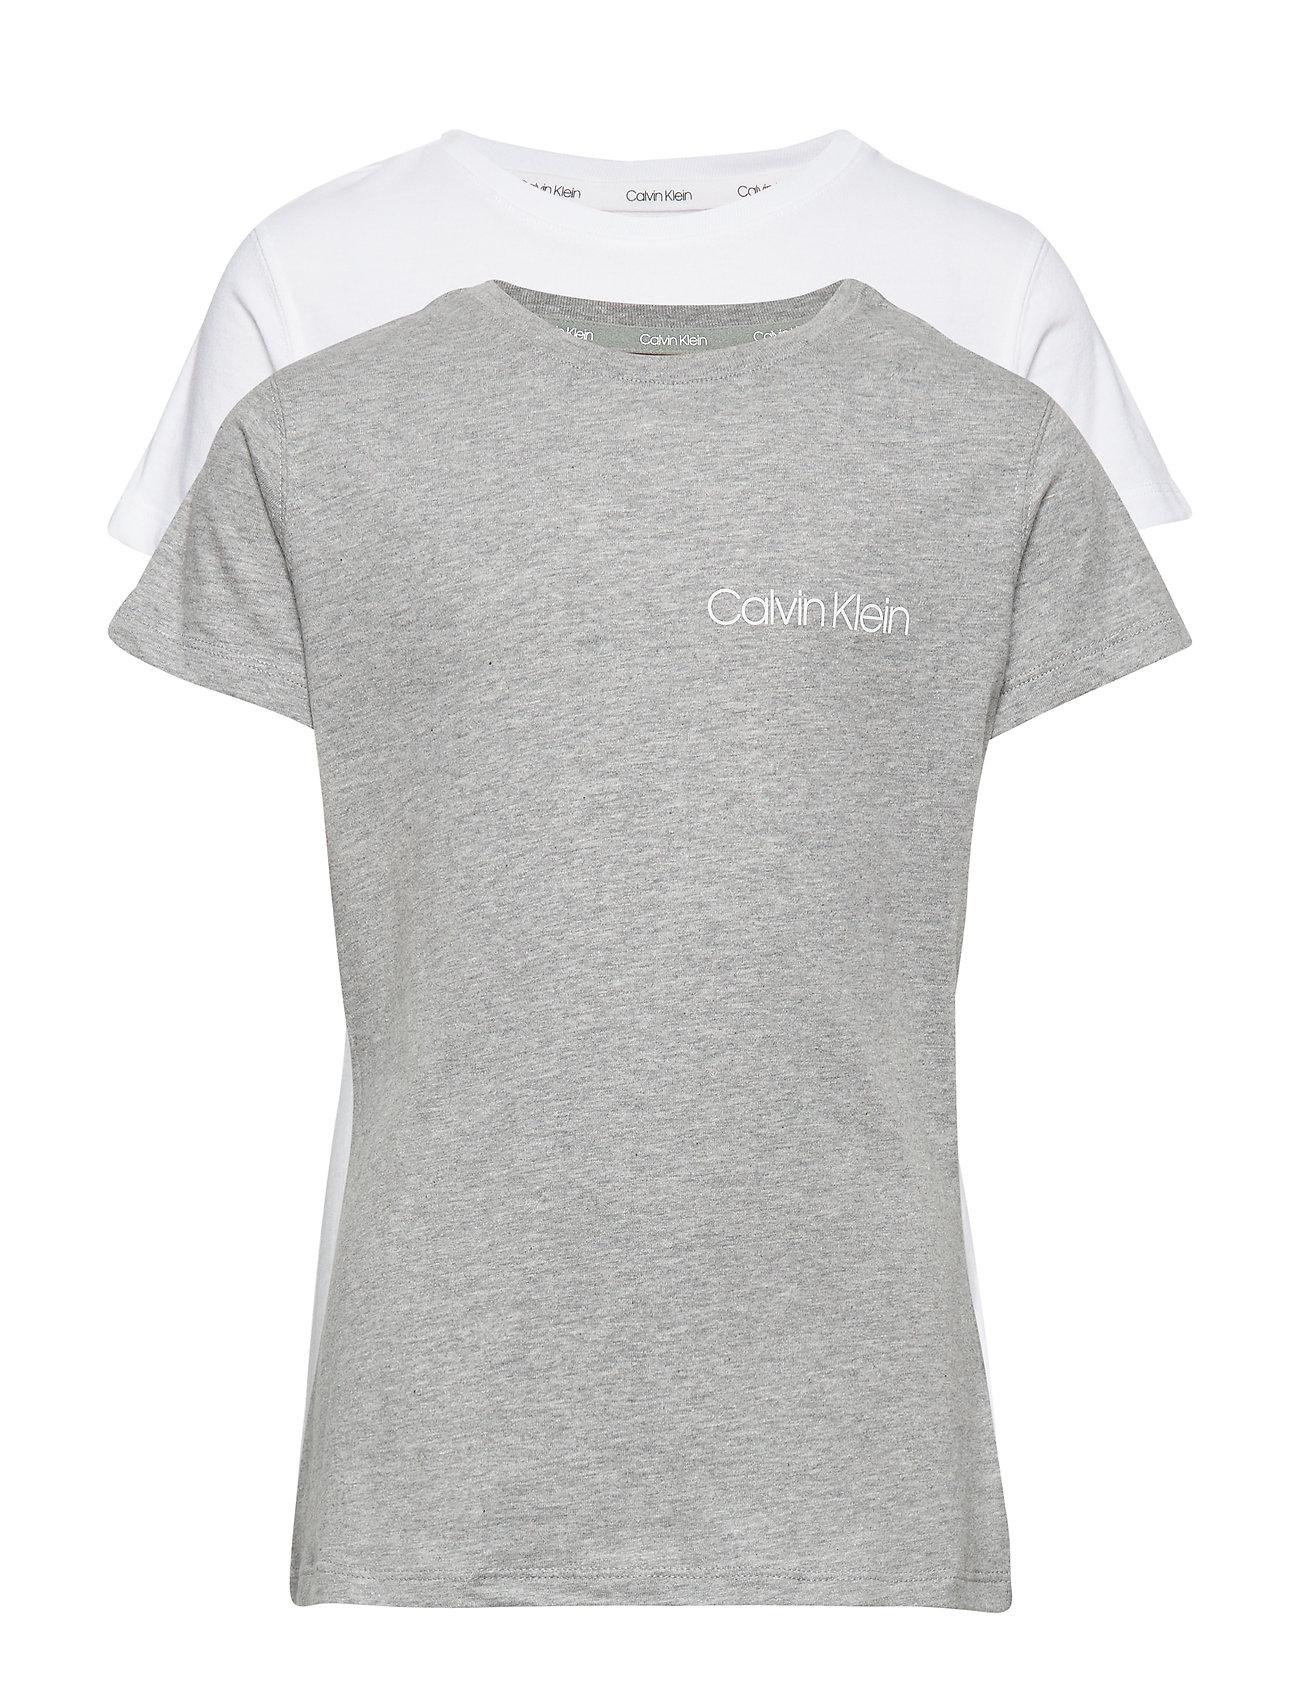 Calvin Klein 2PK TEES - 1WHITE/1GREYHEATHER1